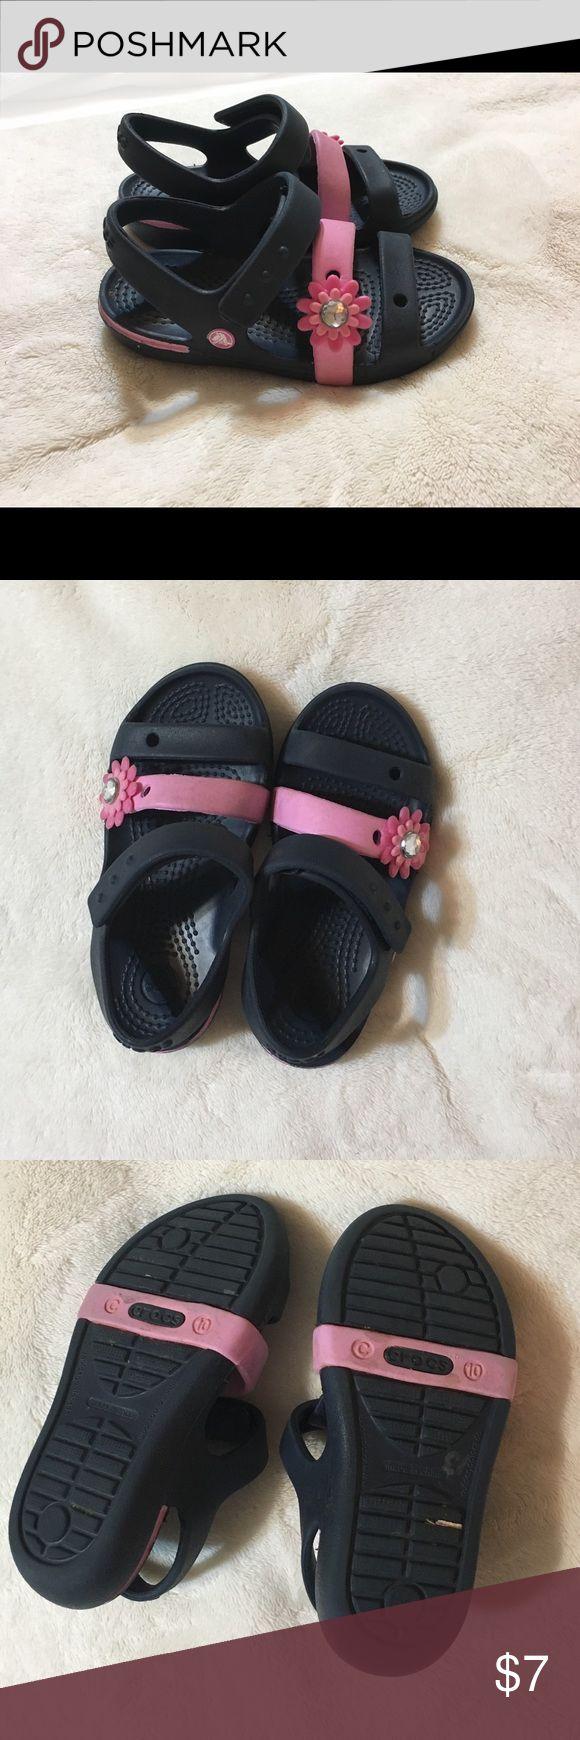 Crocs sandals Navy blue and pink sandals  Good condition  C10 CROCS Shoes Sandals & Flip Flops